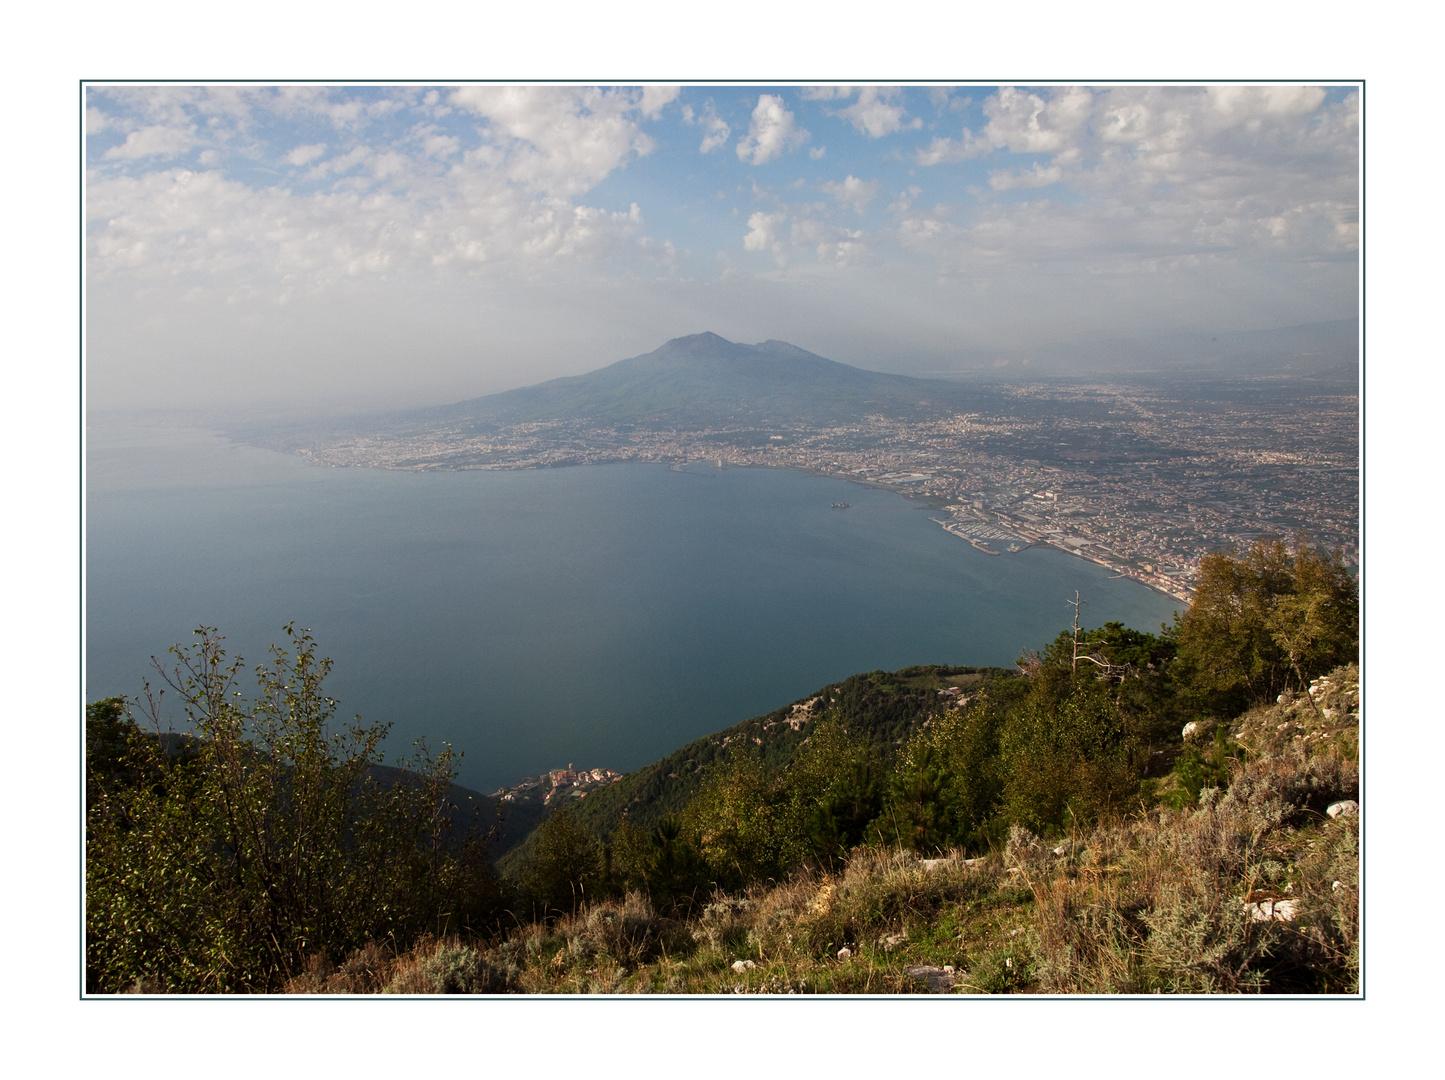 Golf von Neapel und Vesuv